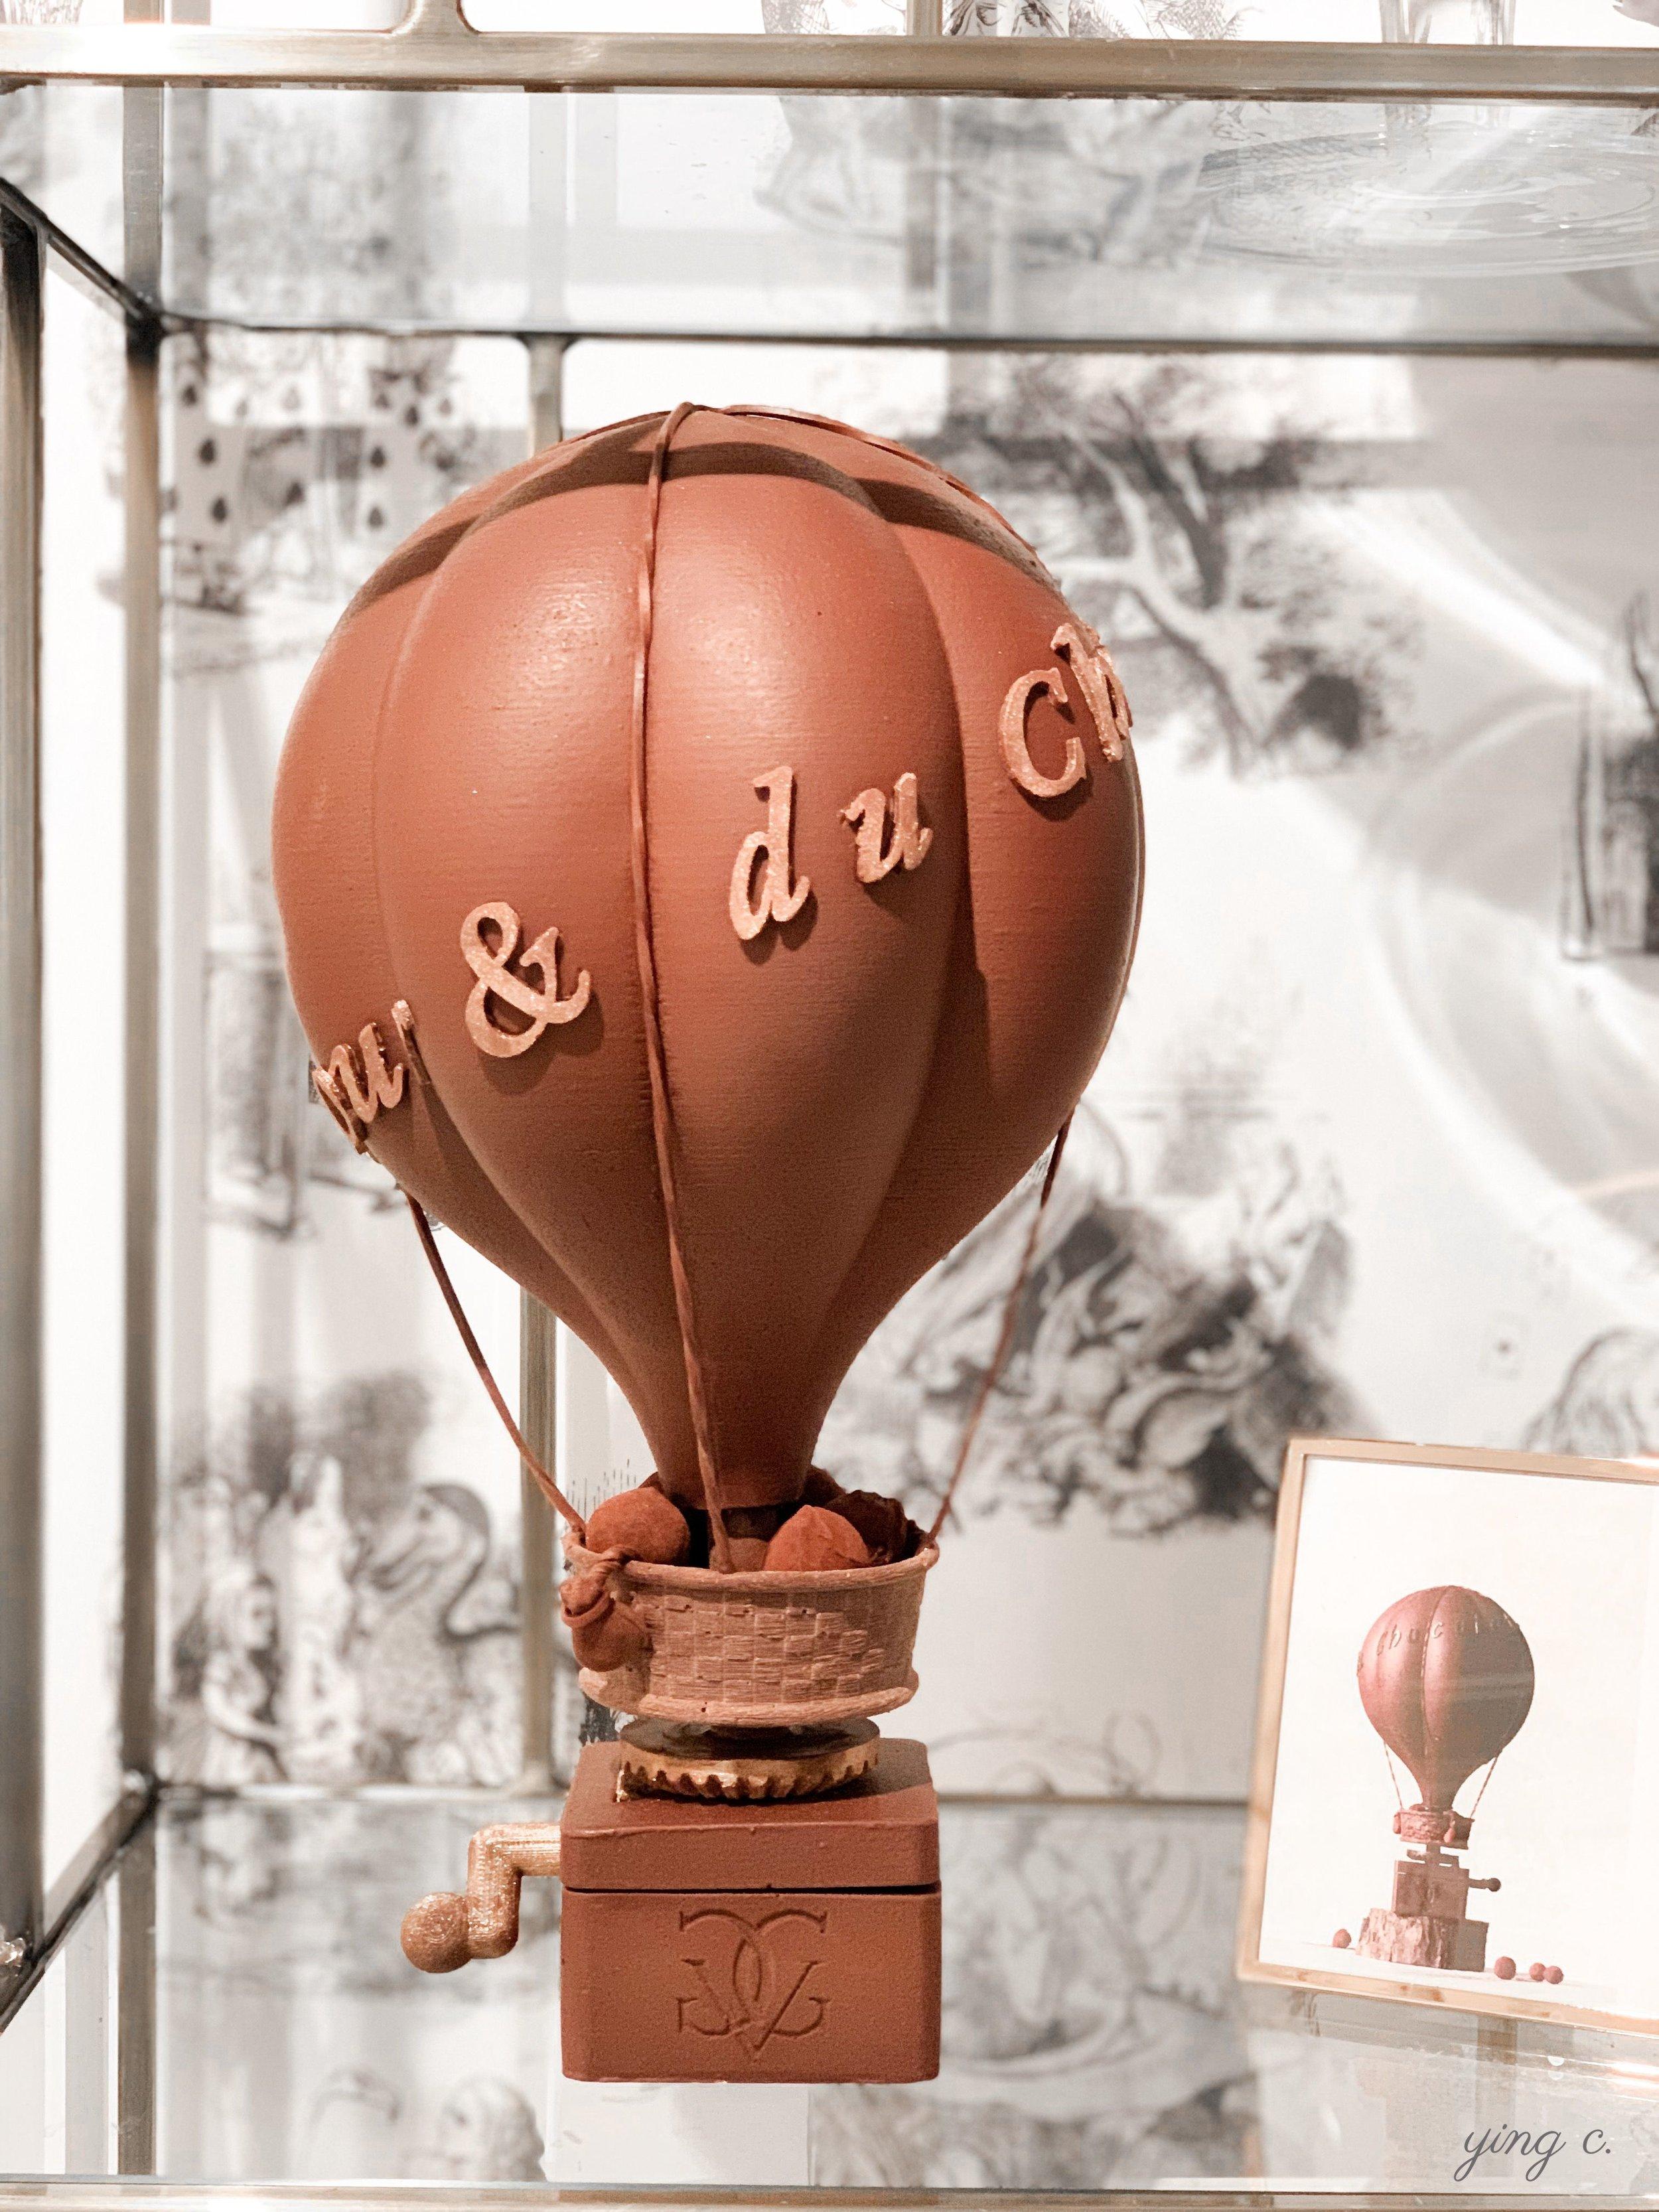 Maxime 為 2019 年復活節設計的巧克力熱氣球,轉動左手邊的手柄可以讓熱氣球旋轉,影片可 按此觀 賞。